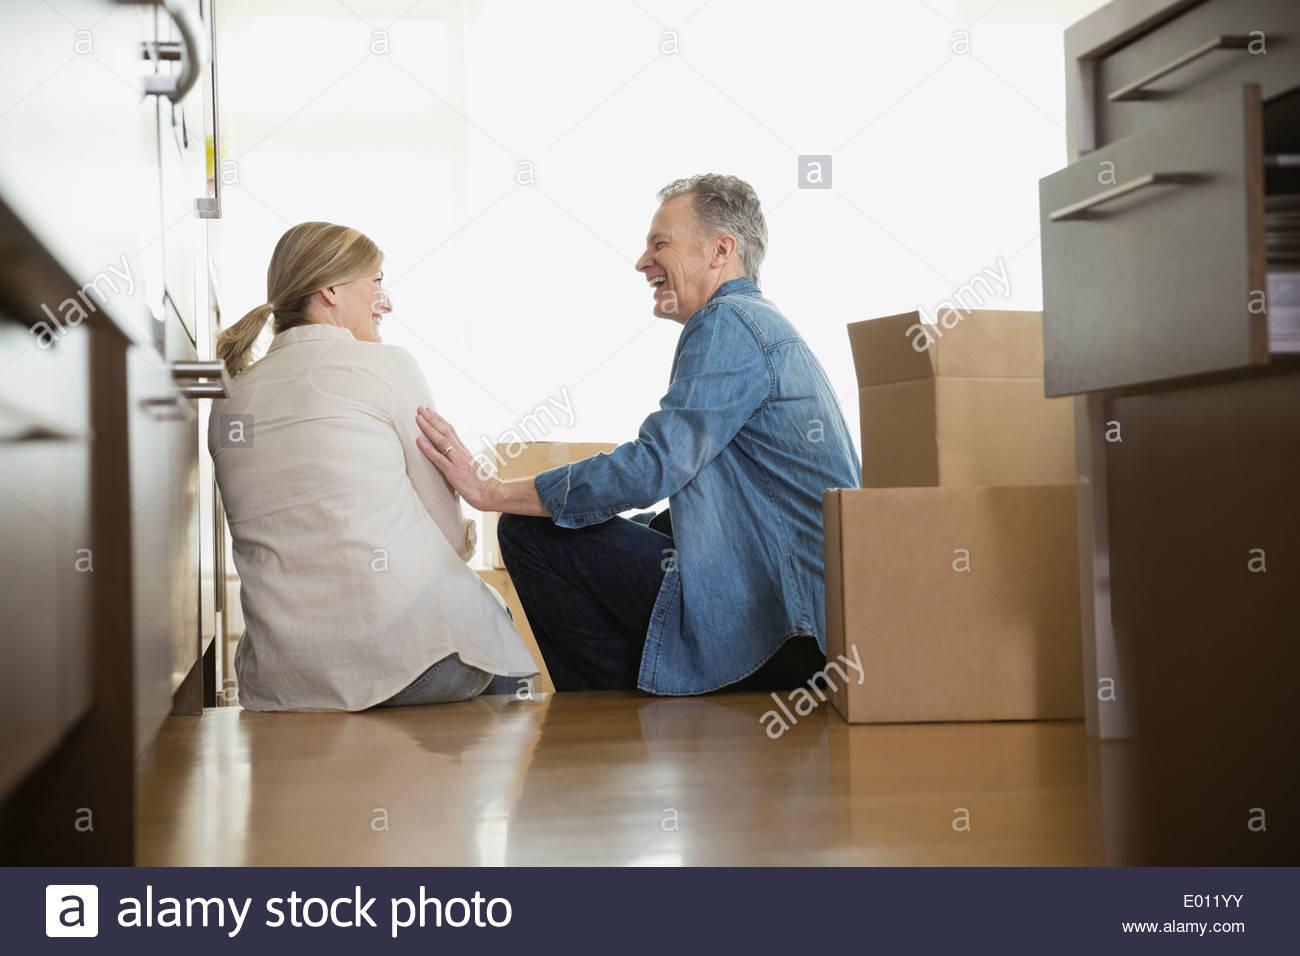 Paar lachend am Boden in der Nähe von Umzugskartons Stockbild